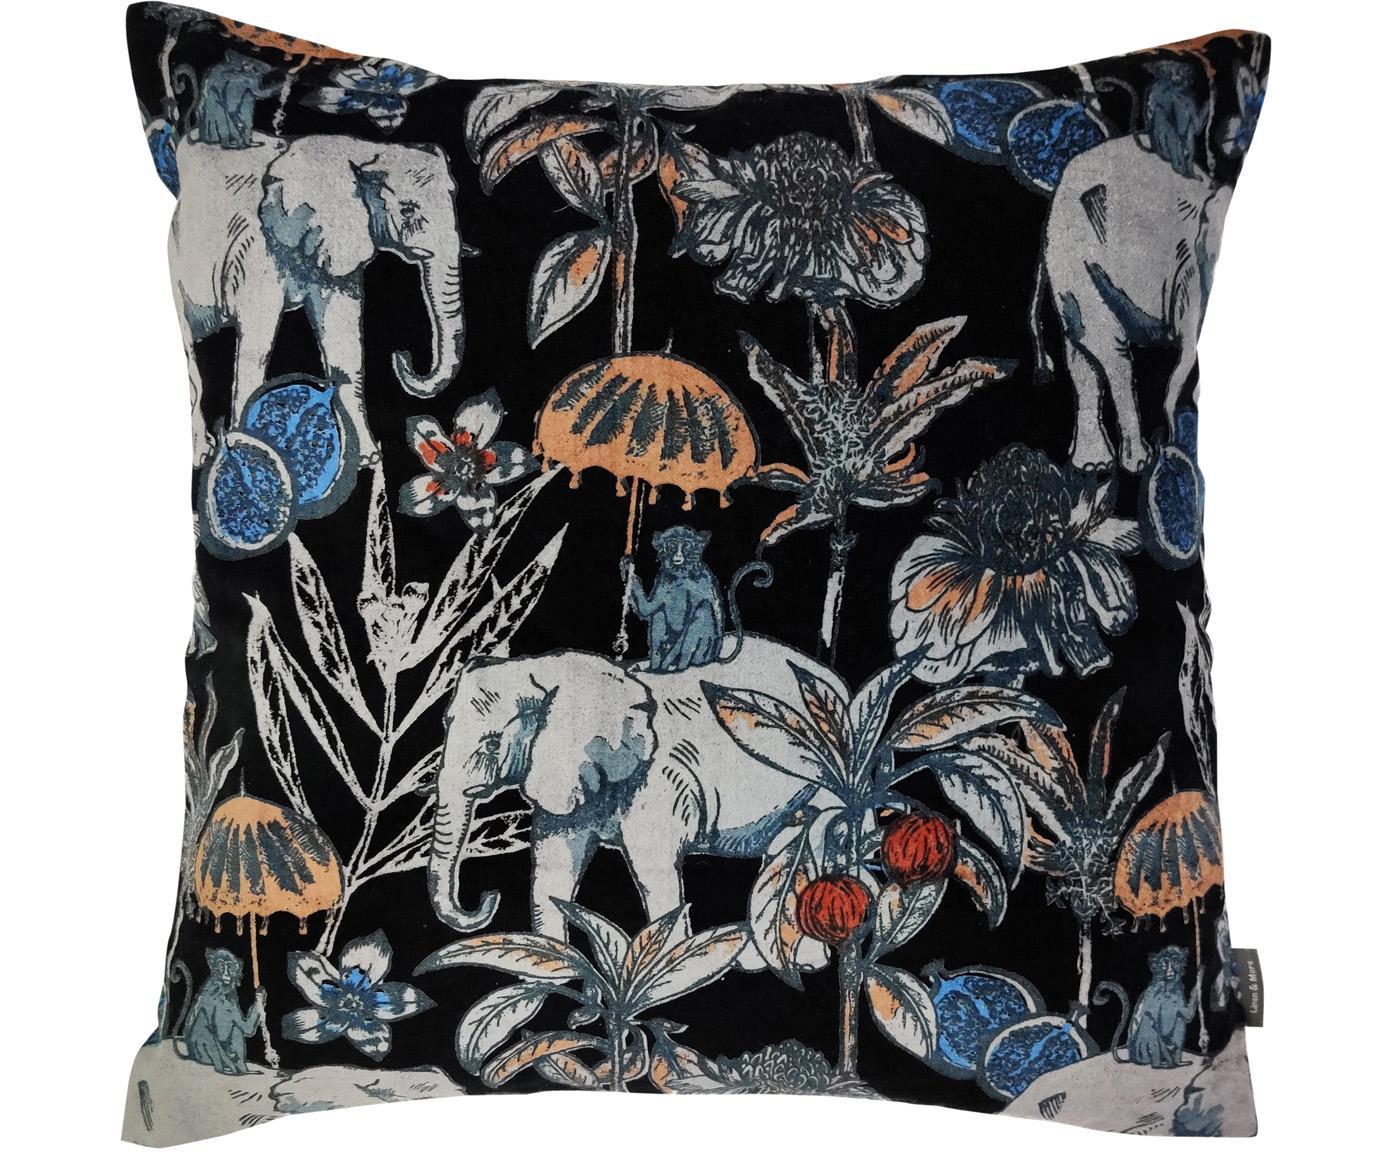 Poduszka z wypełnieniem Elephant, Tapicerka: 100% bawełna, Czarny, wielobarwny, S 45 x D 45 cm